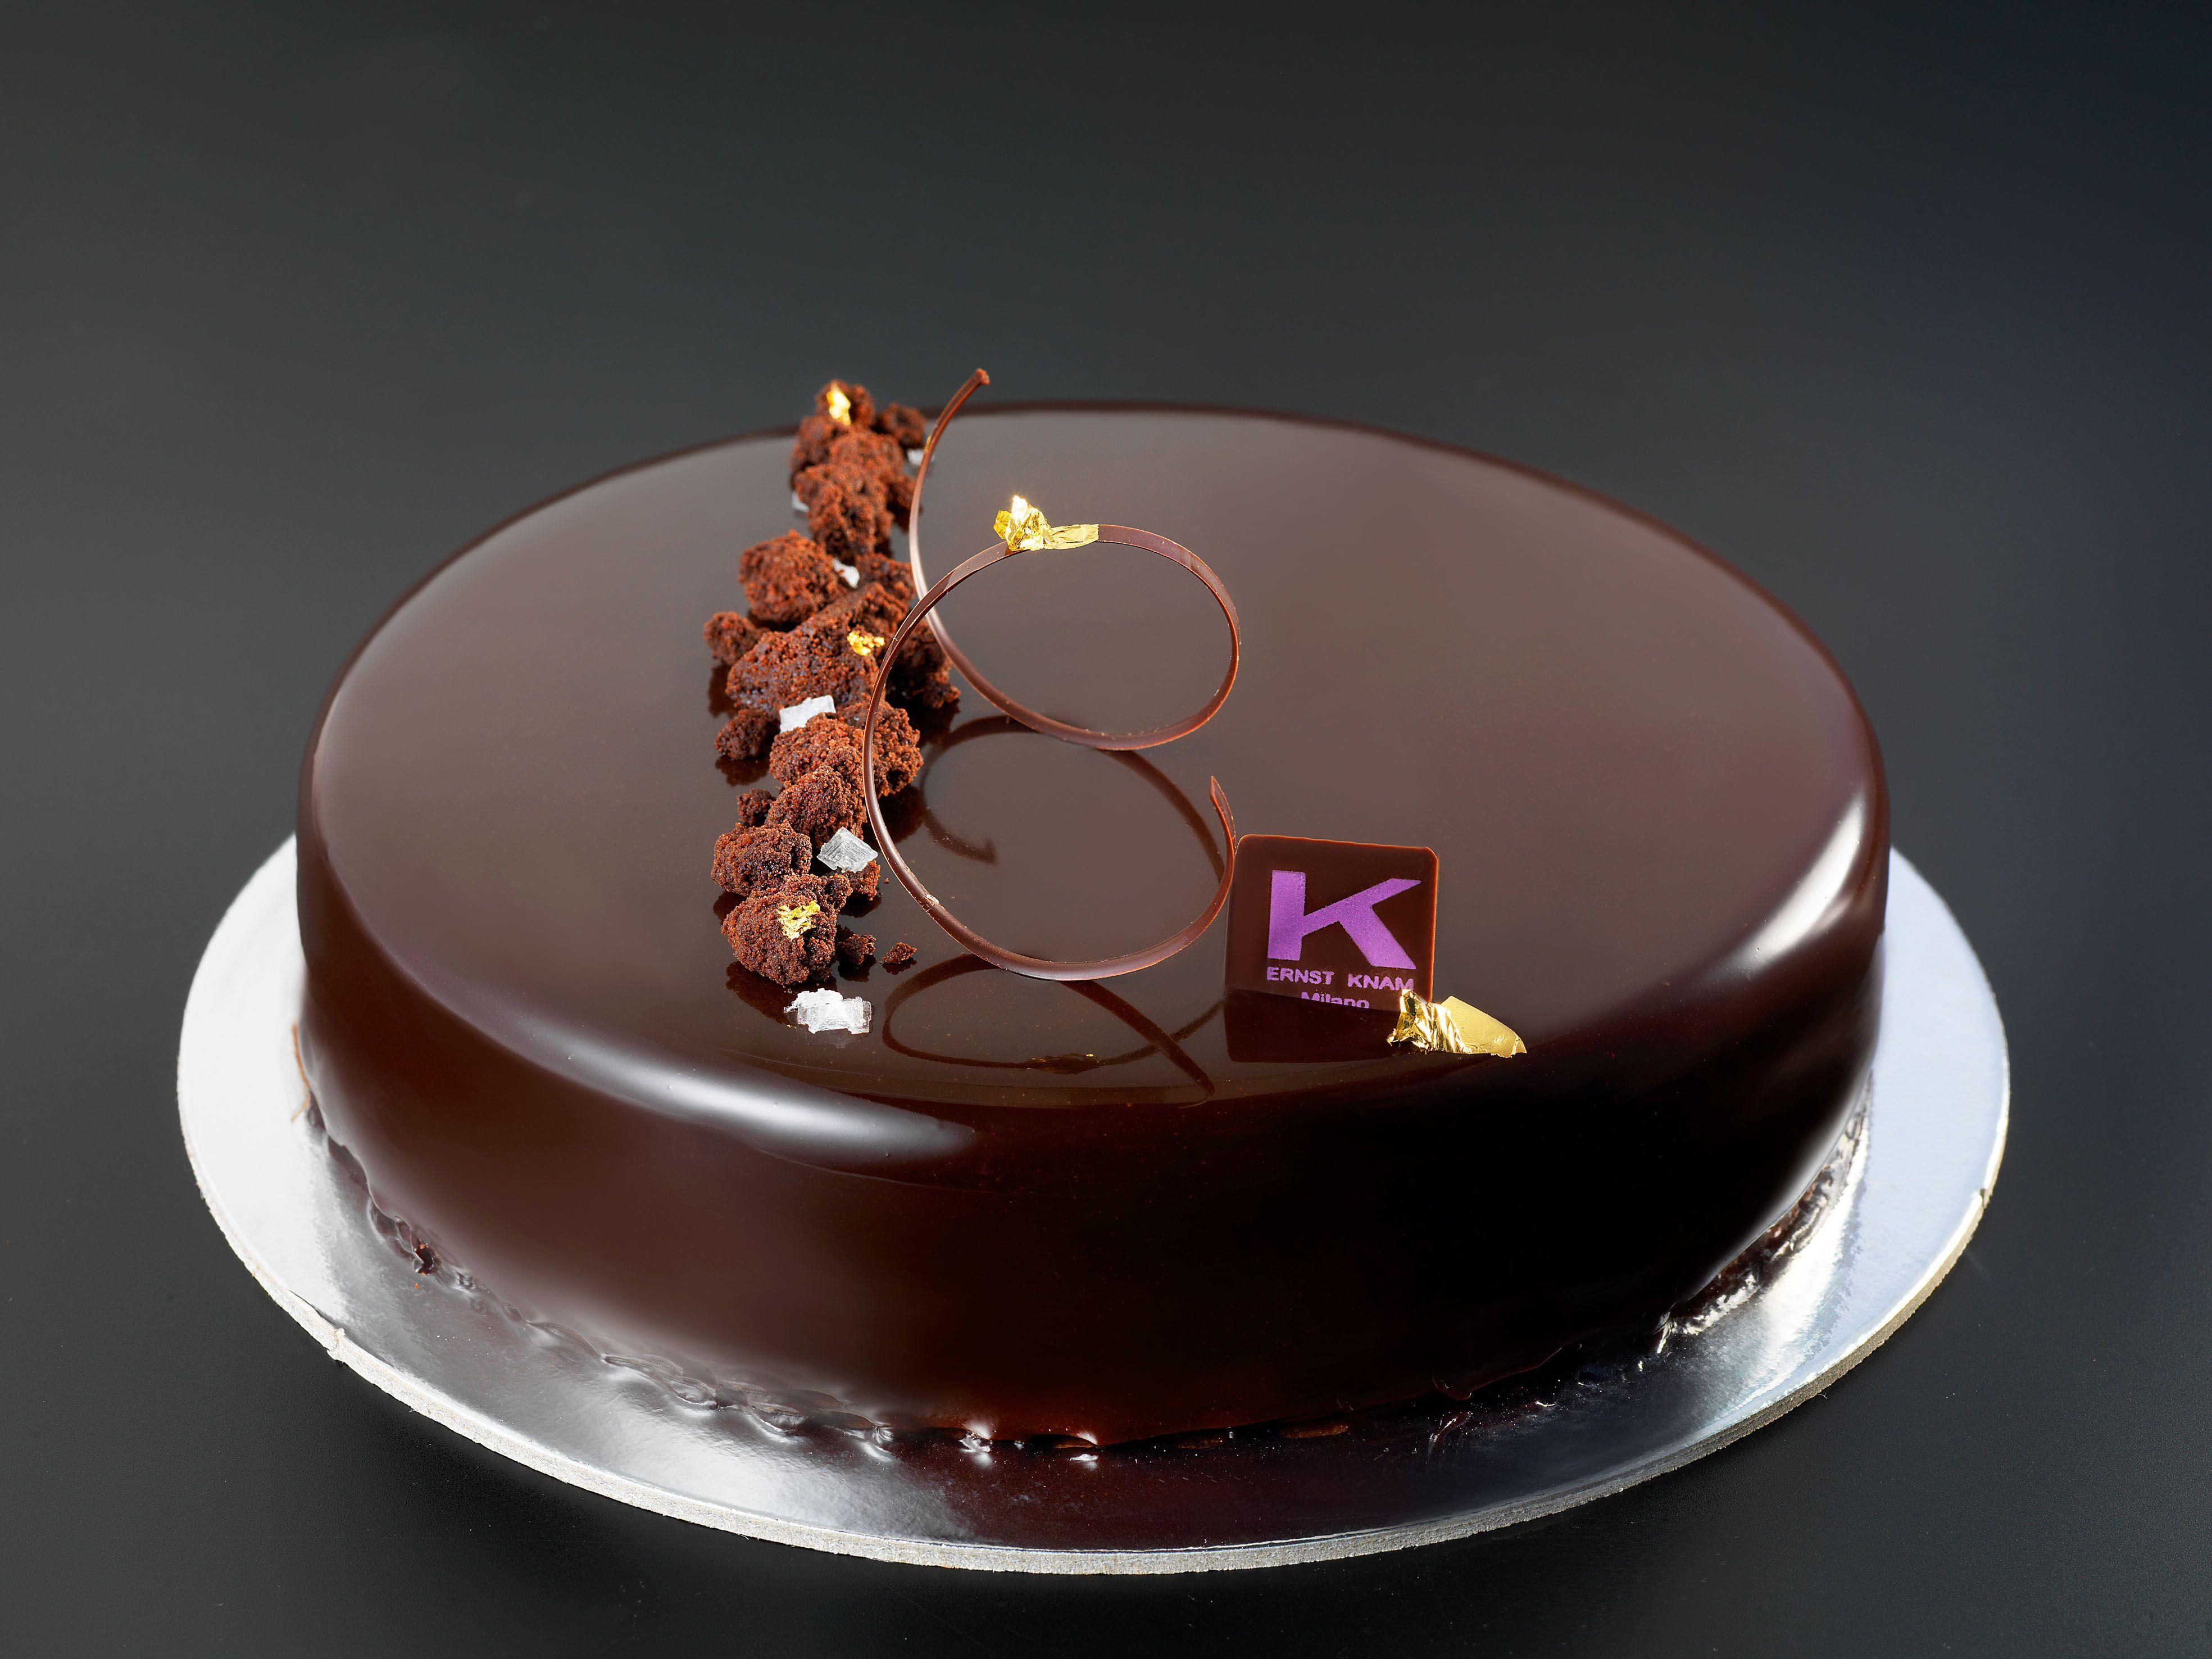 La tartufata crumble di cioccolato sao tom 70 con sale di maldon cremoso al cioccolato - Glassa a specchio knam ...